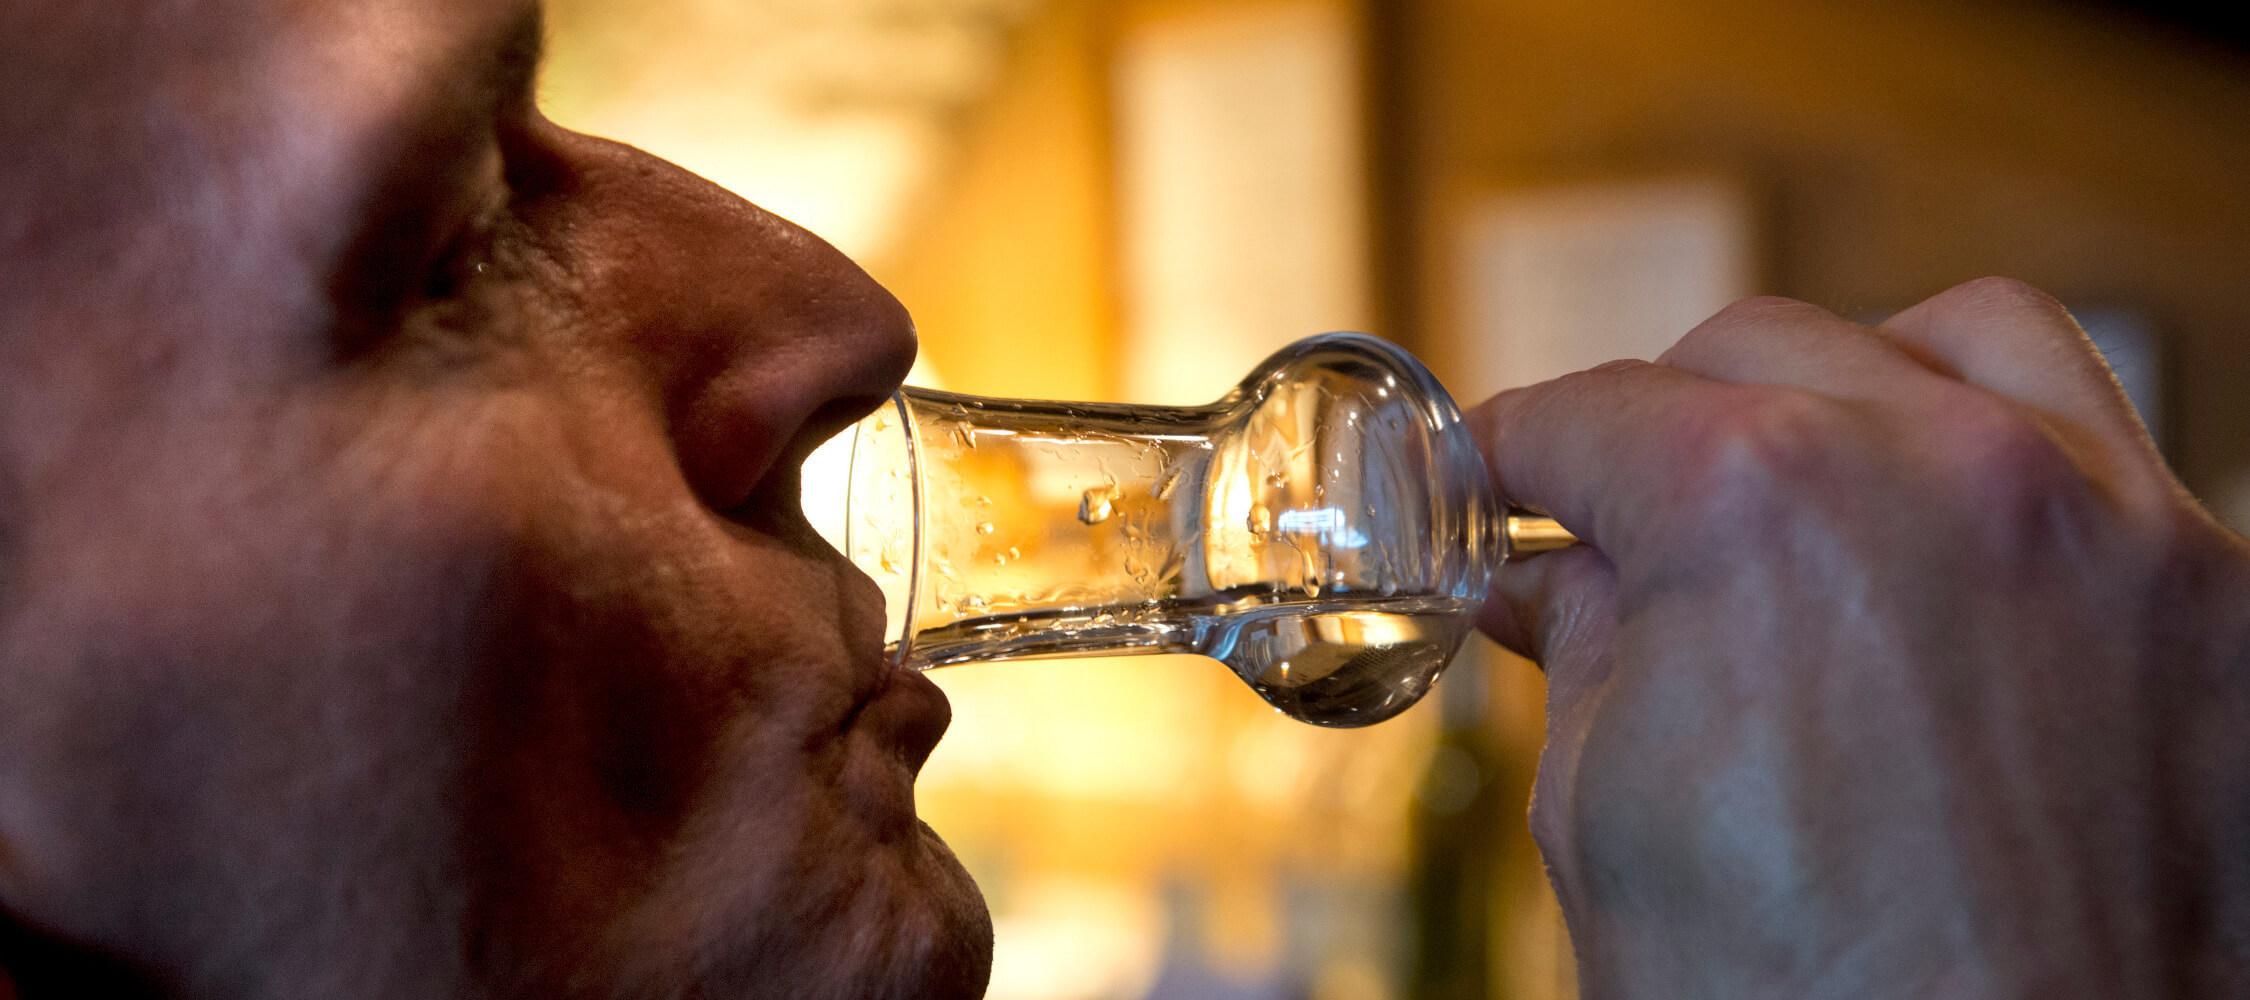 Italien-Trentino_Suedtirol_Alto_Adige_Merano_Meran_Besichtigen_Produkte_Drinks_Schnaps_Grappa_Brennerei_TVPartschins-Helmuth-Rier_mgm00737heri_2250x1000